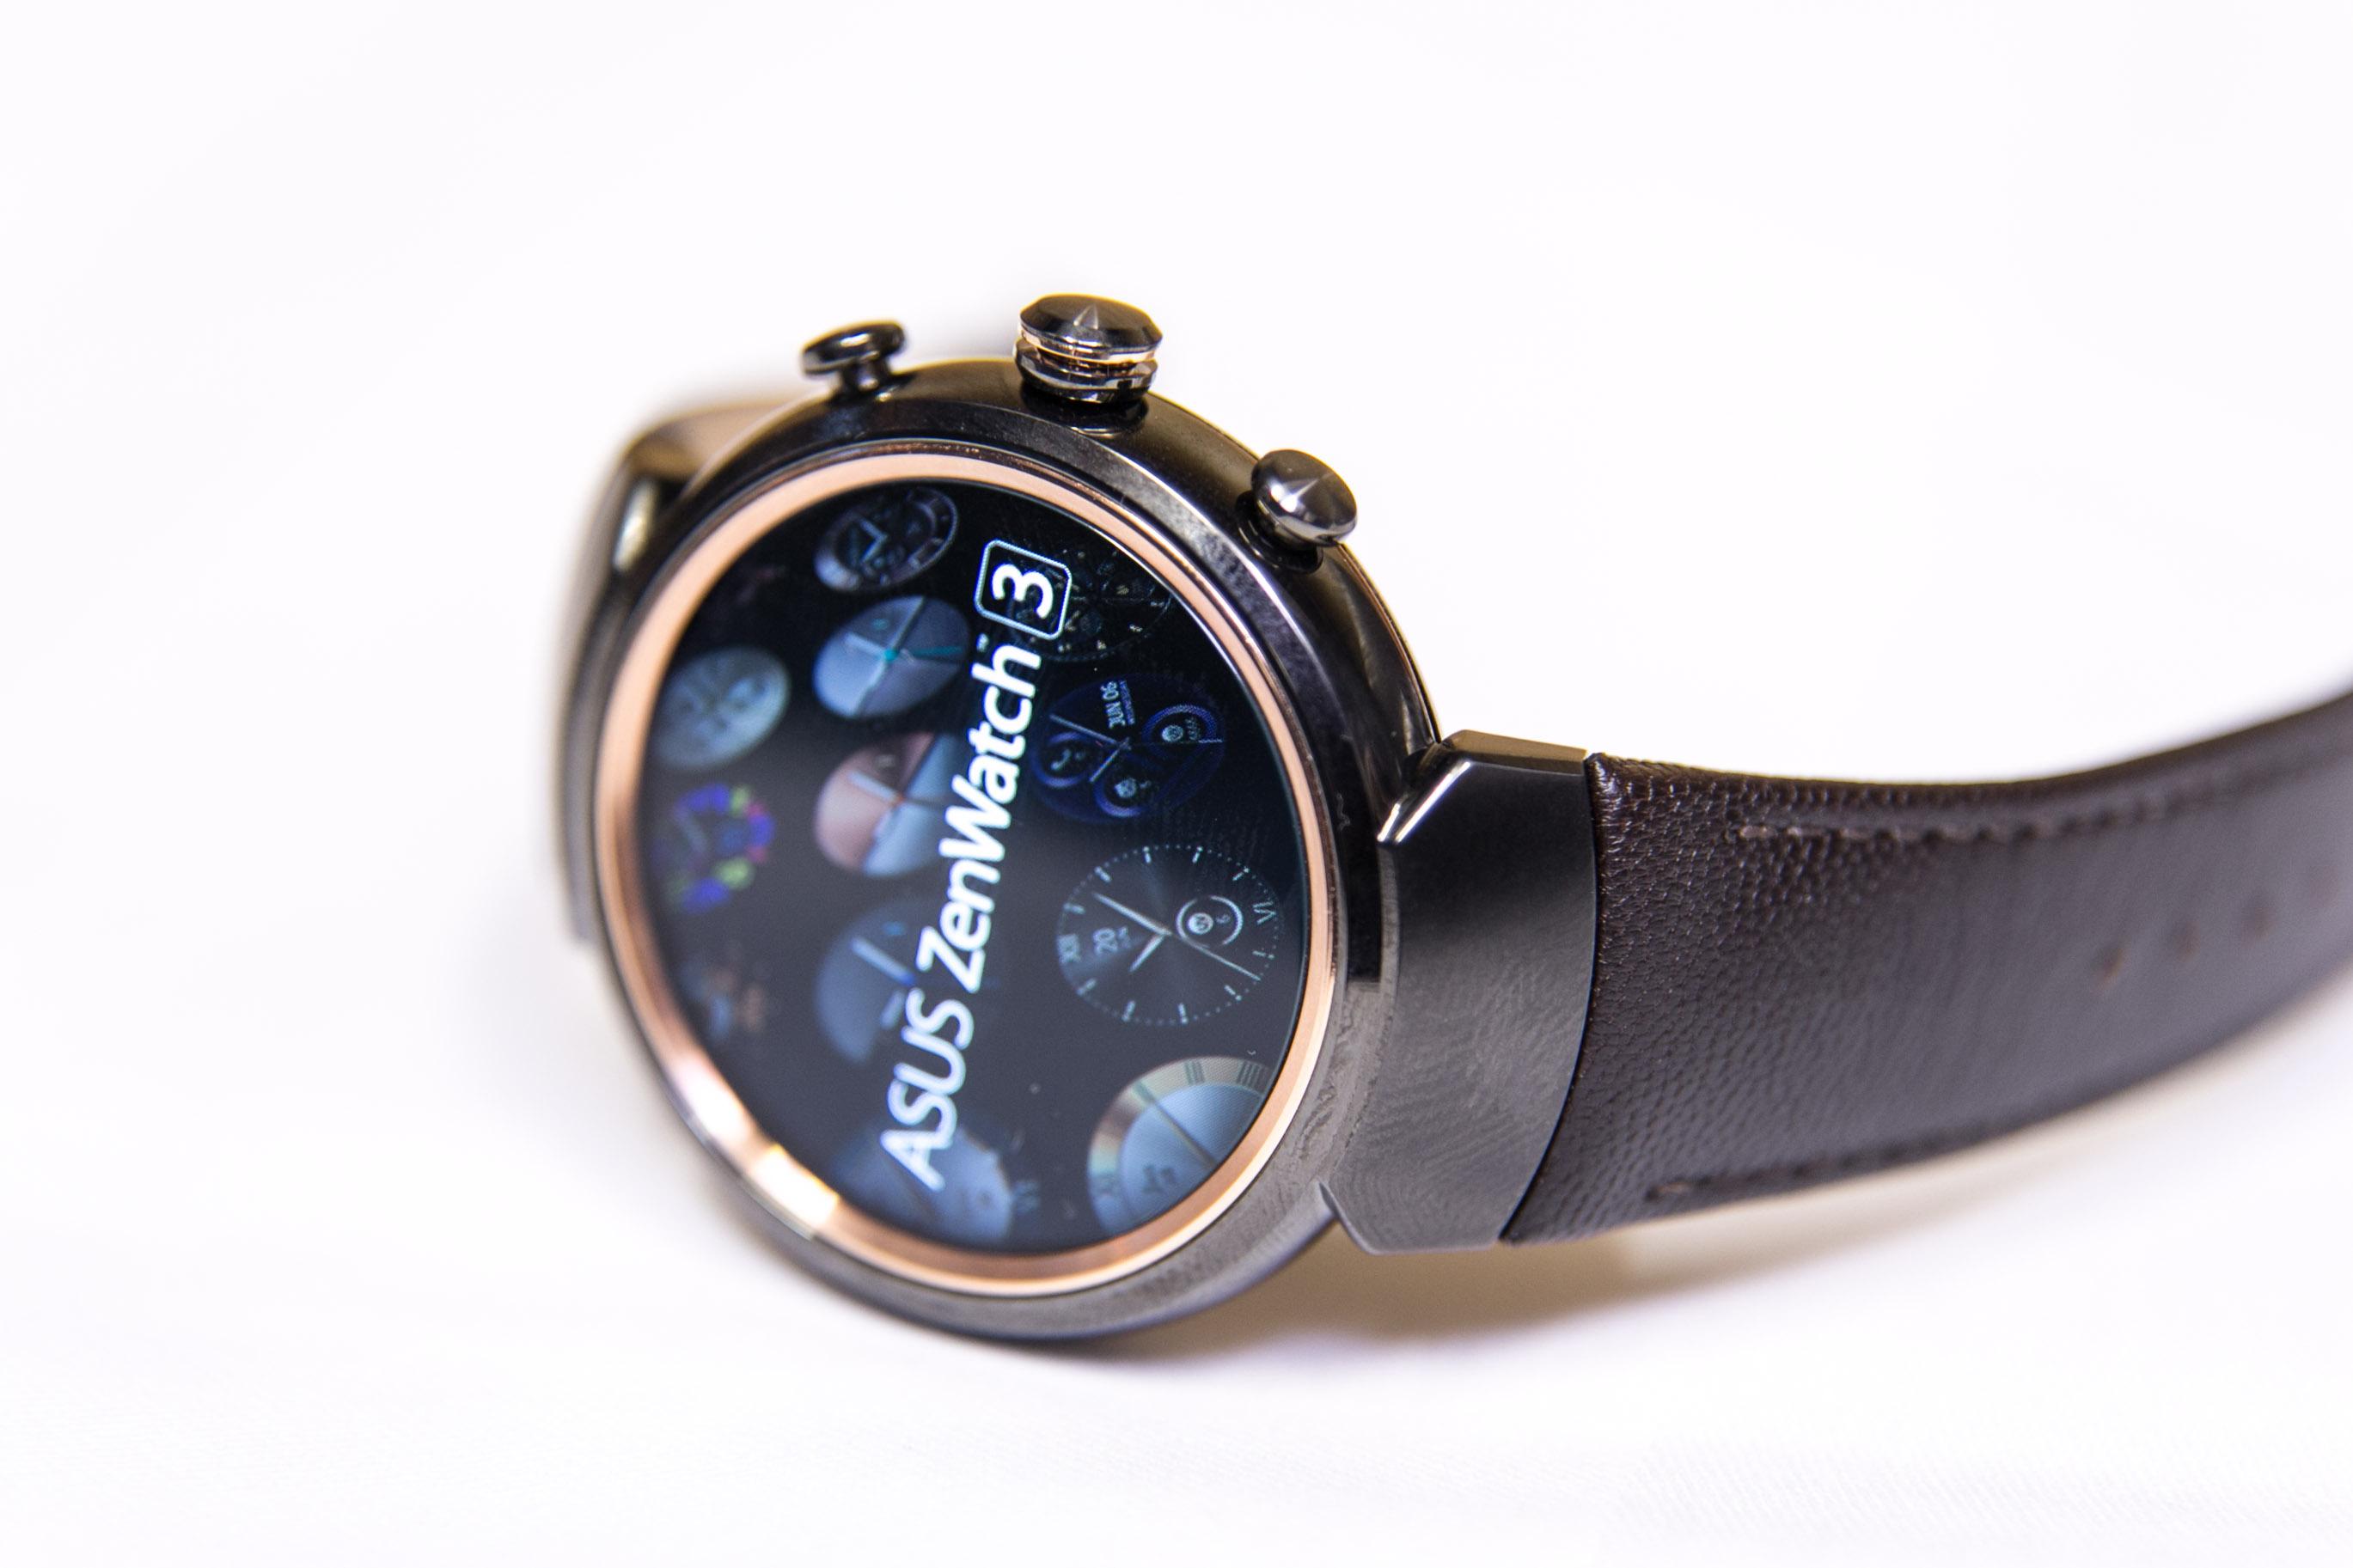 Smartwatch: Asus' dünne Zenwatch 3 erscheint noch im Oktober - Asus' neue Smartwatch, die Zenwatch 3 (Bild: Martin Wolf/Golem.de)